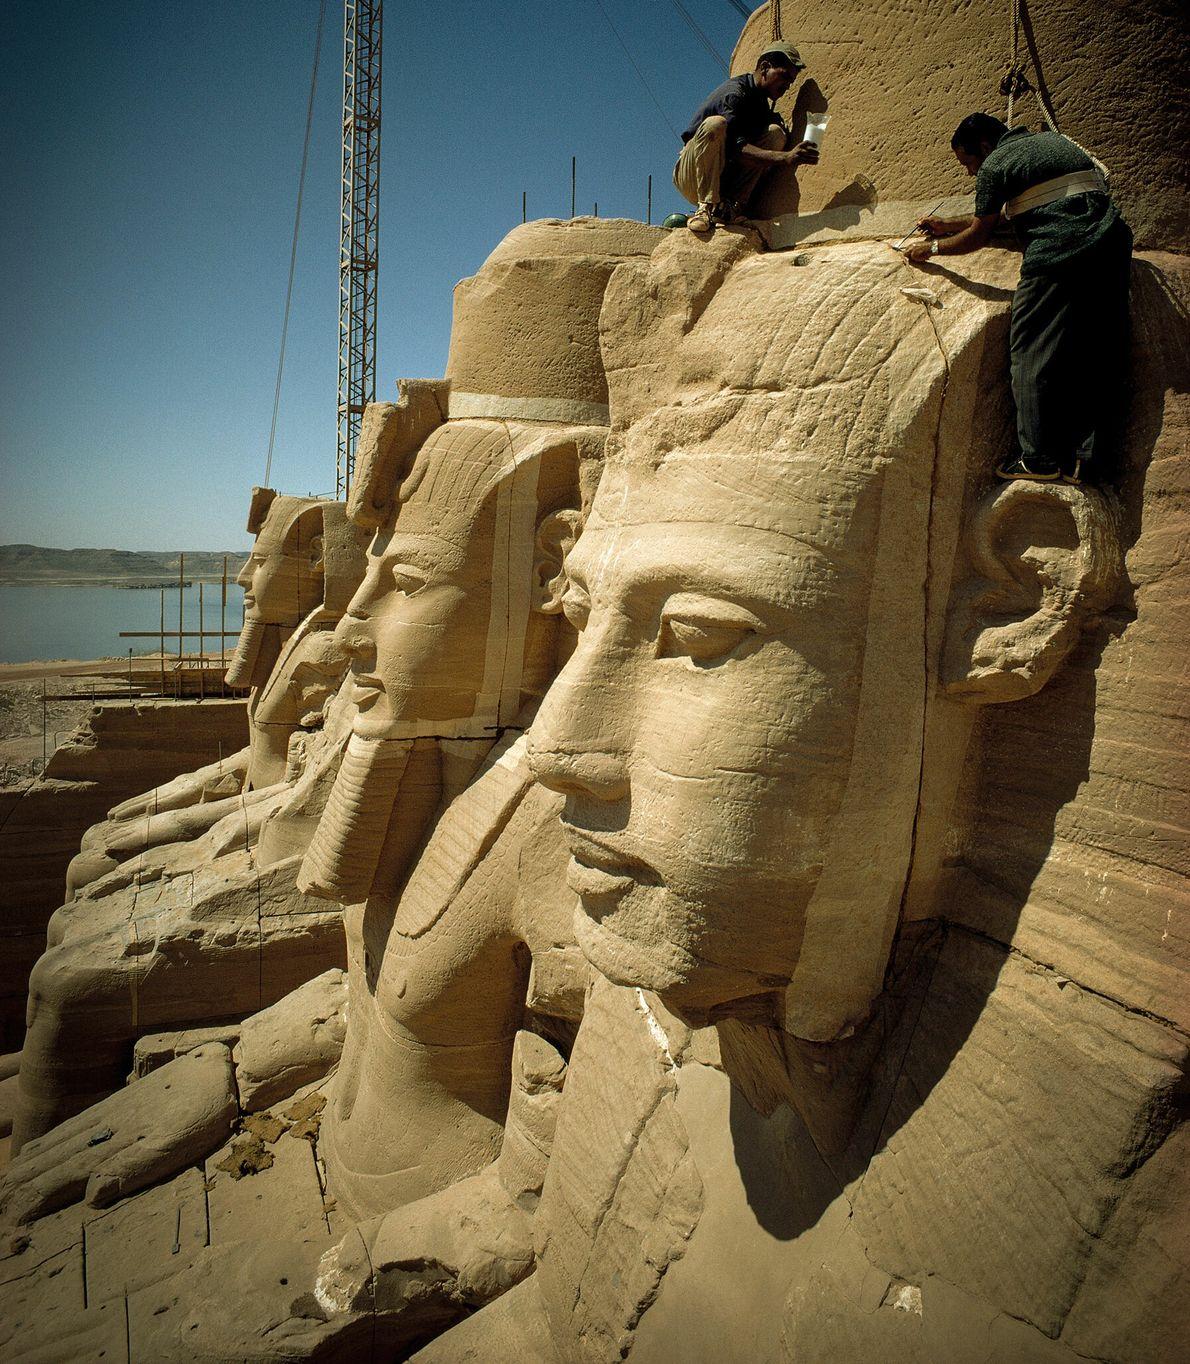 Une fois les blocs de pierre en place, les ouvriers retirent les protections qui couvraient les ...